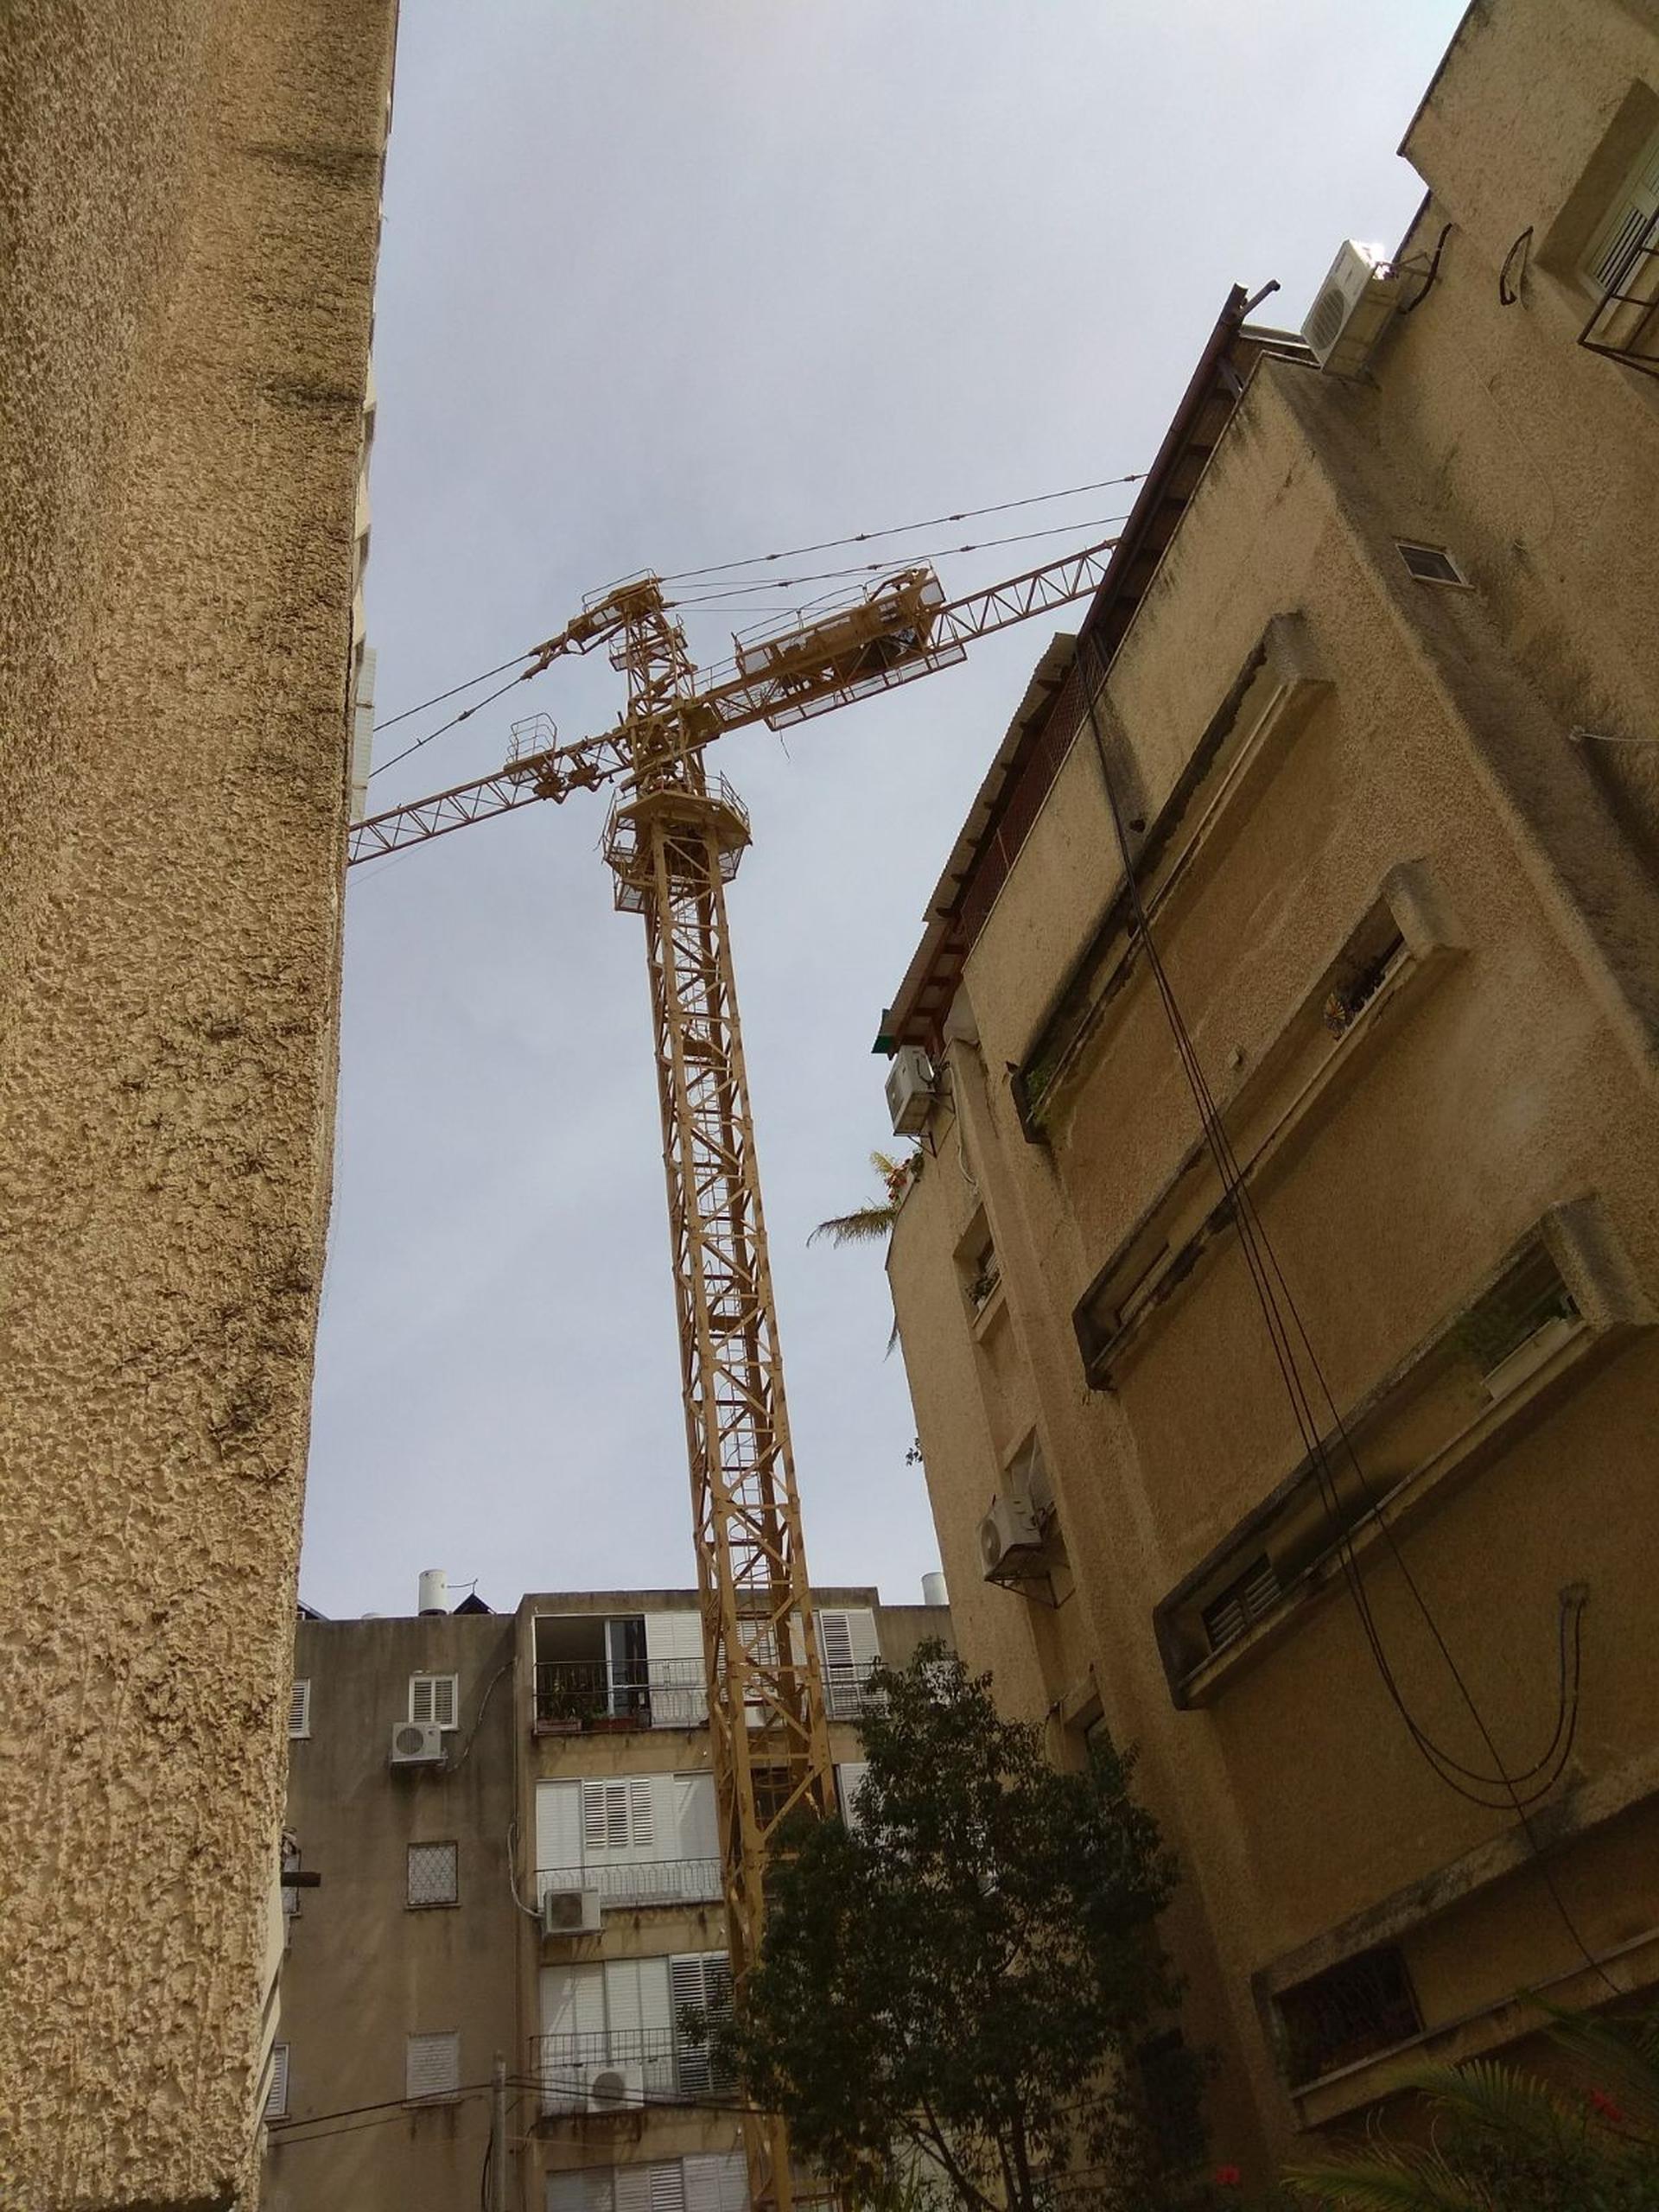 המנוף מעל בנייני המגורים. צילום: באדיבות התושבים